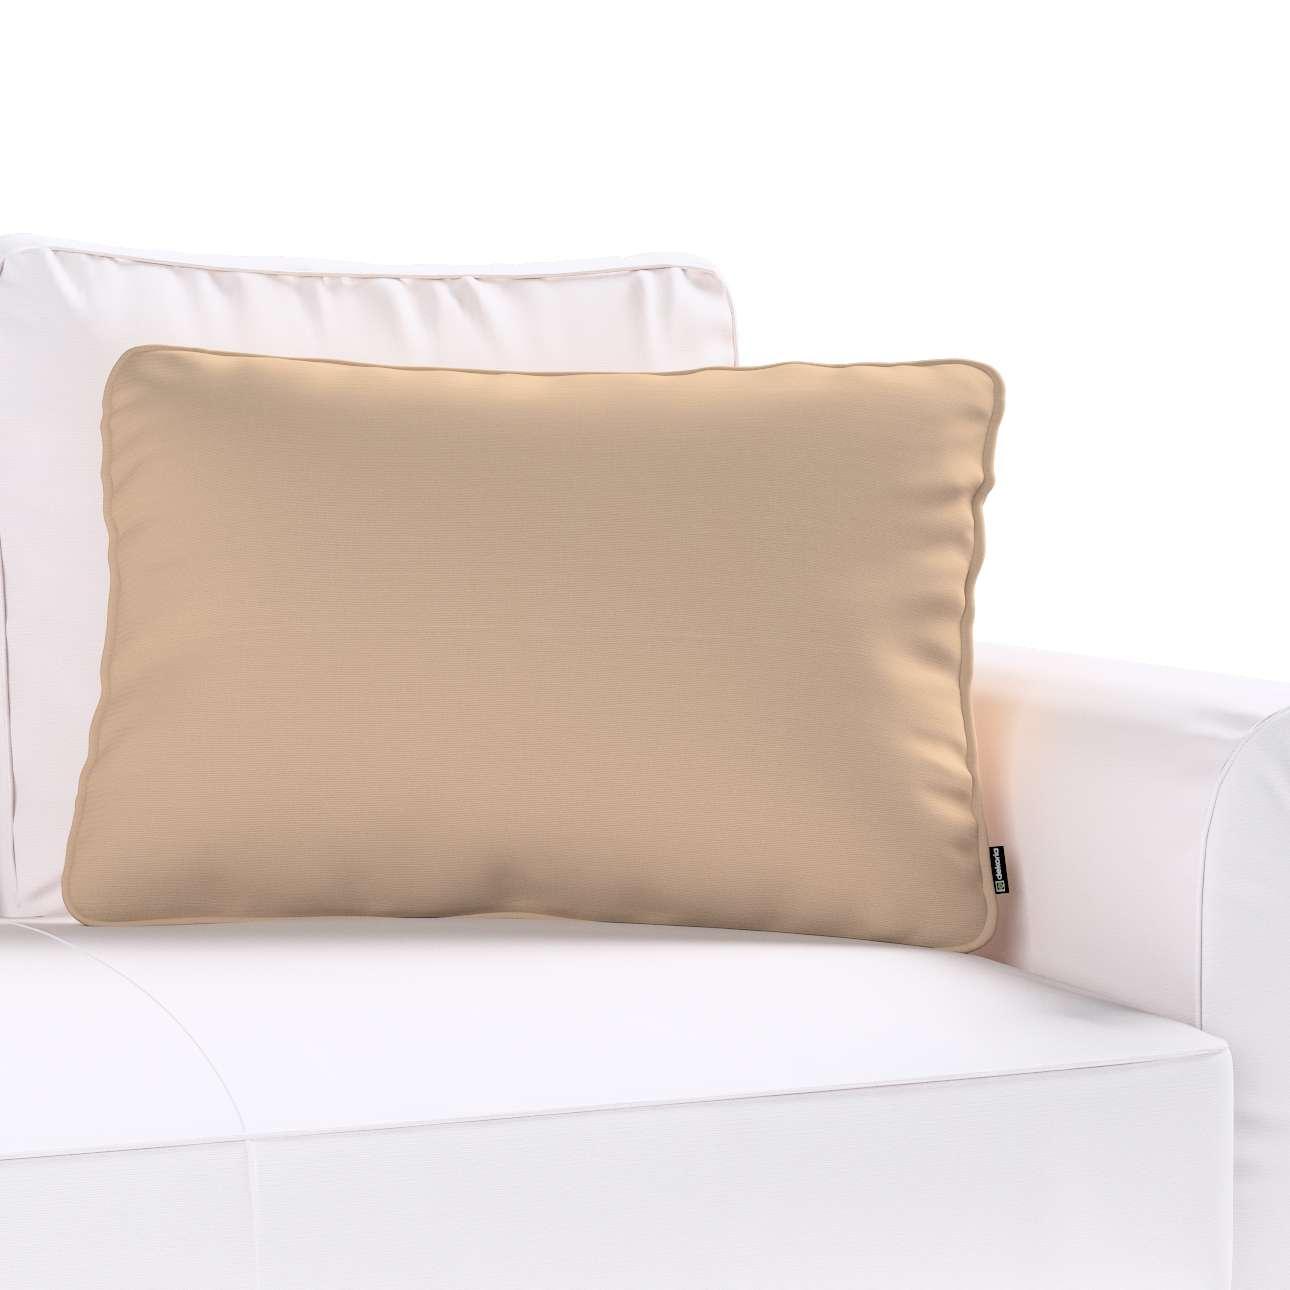 Poszewka Gabi na poduszkę prostokątna w kolekcji Cotton Panama, tkanina: 702-28